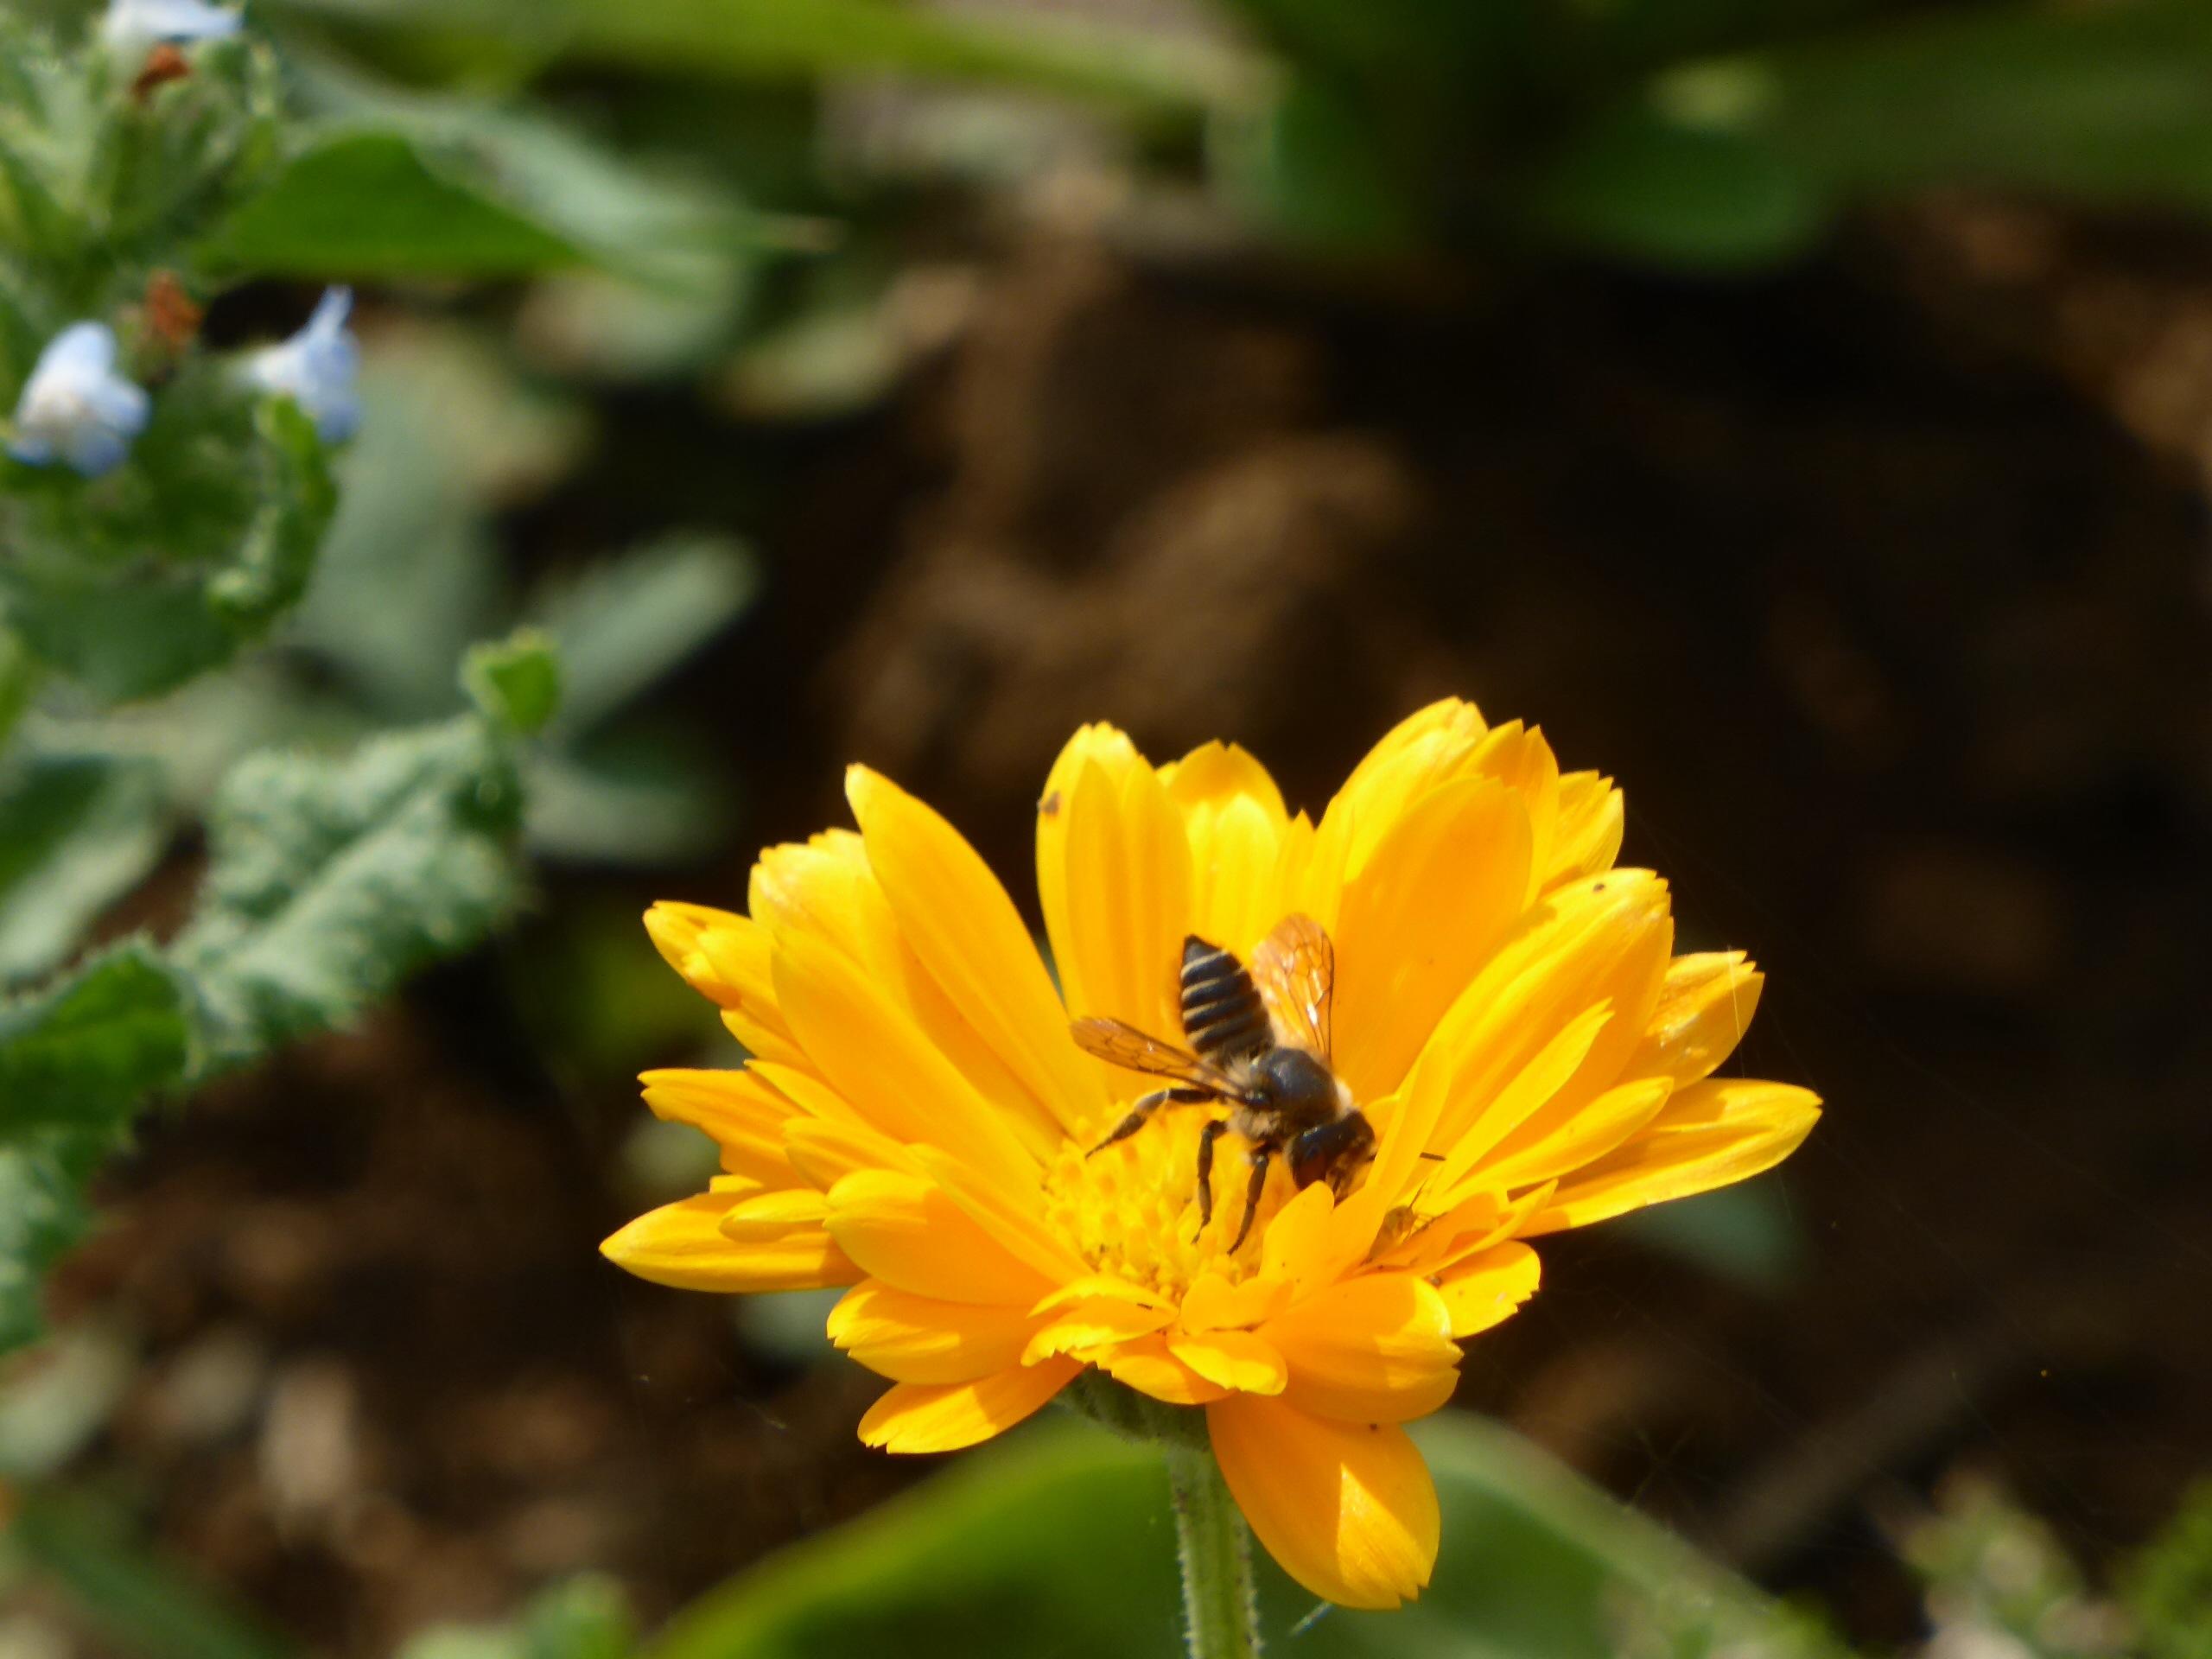 Eté 2014 - L'abeille et son soucis - Par Violaine